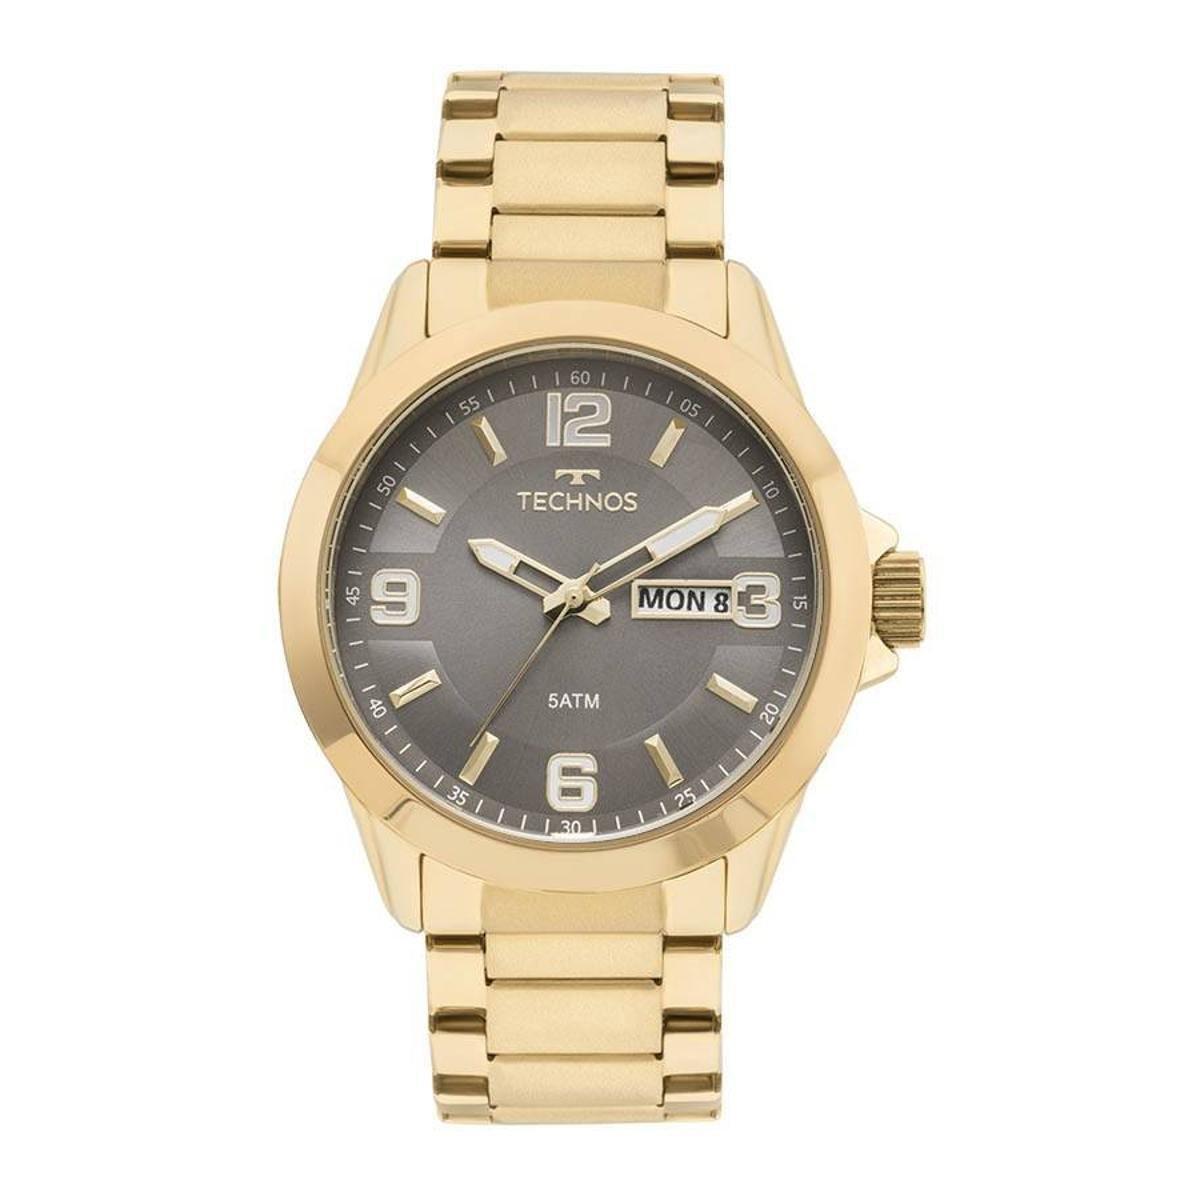 dc530a20eaa Relógio Technos Masculino Classic Steel - Dourado - Compre Agora ...